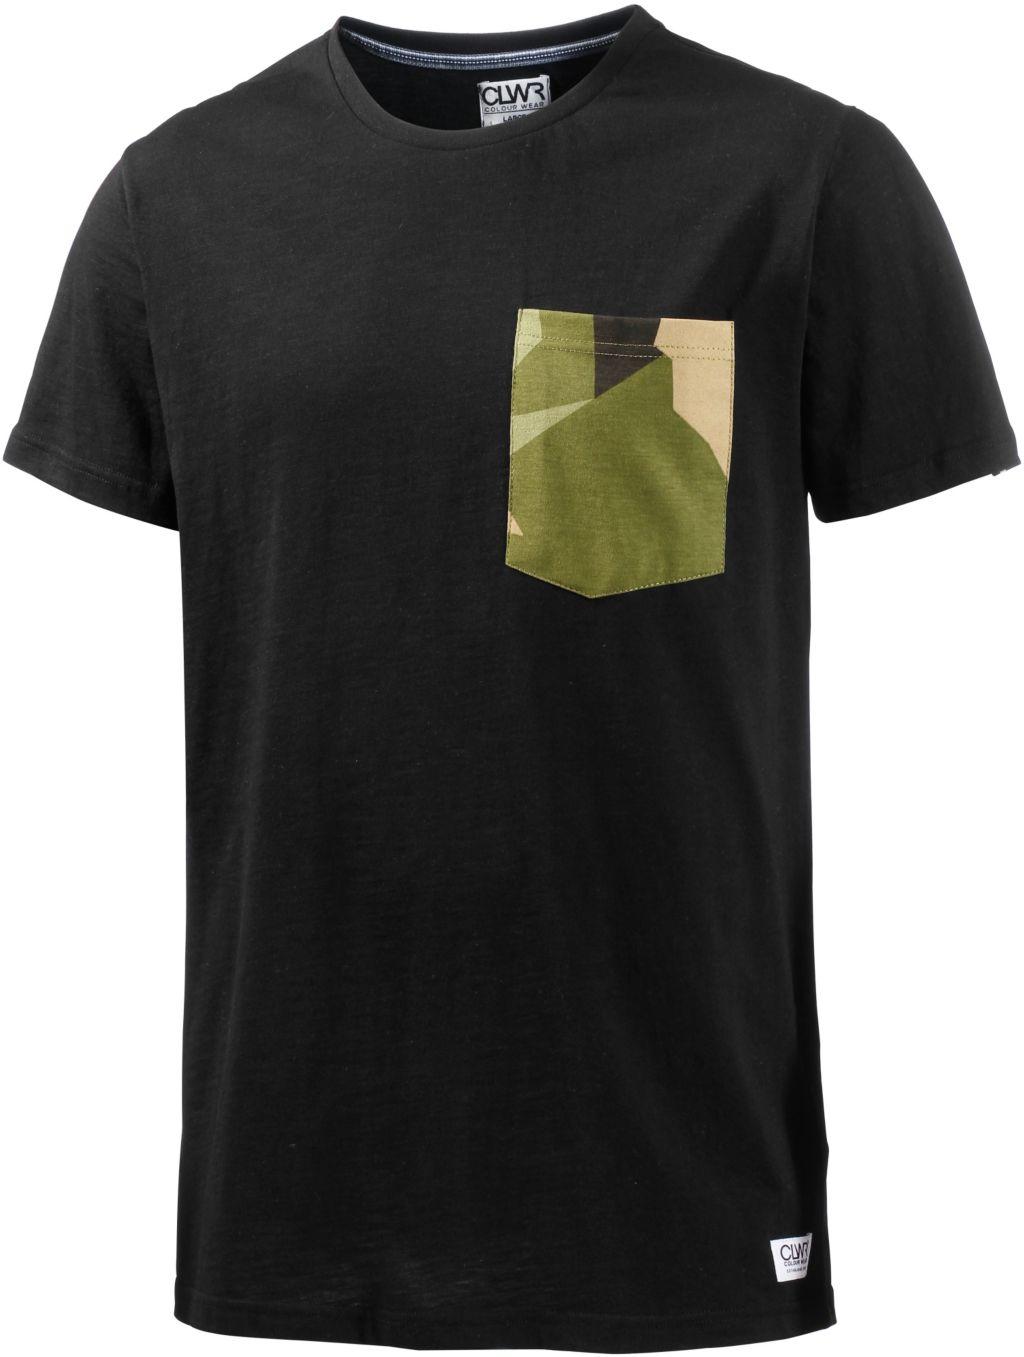 Artikel klicken und genauer betrachten! - Colour Wear POCKET. T-Shirt mit gemusterter Brusttasche, Rundhalsausschnitt und kurzen Ärmeln; Material 100% Baumwolle.   im Online Shop kaufen